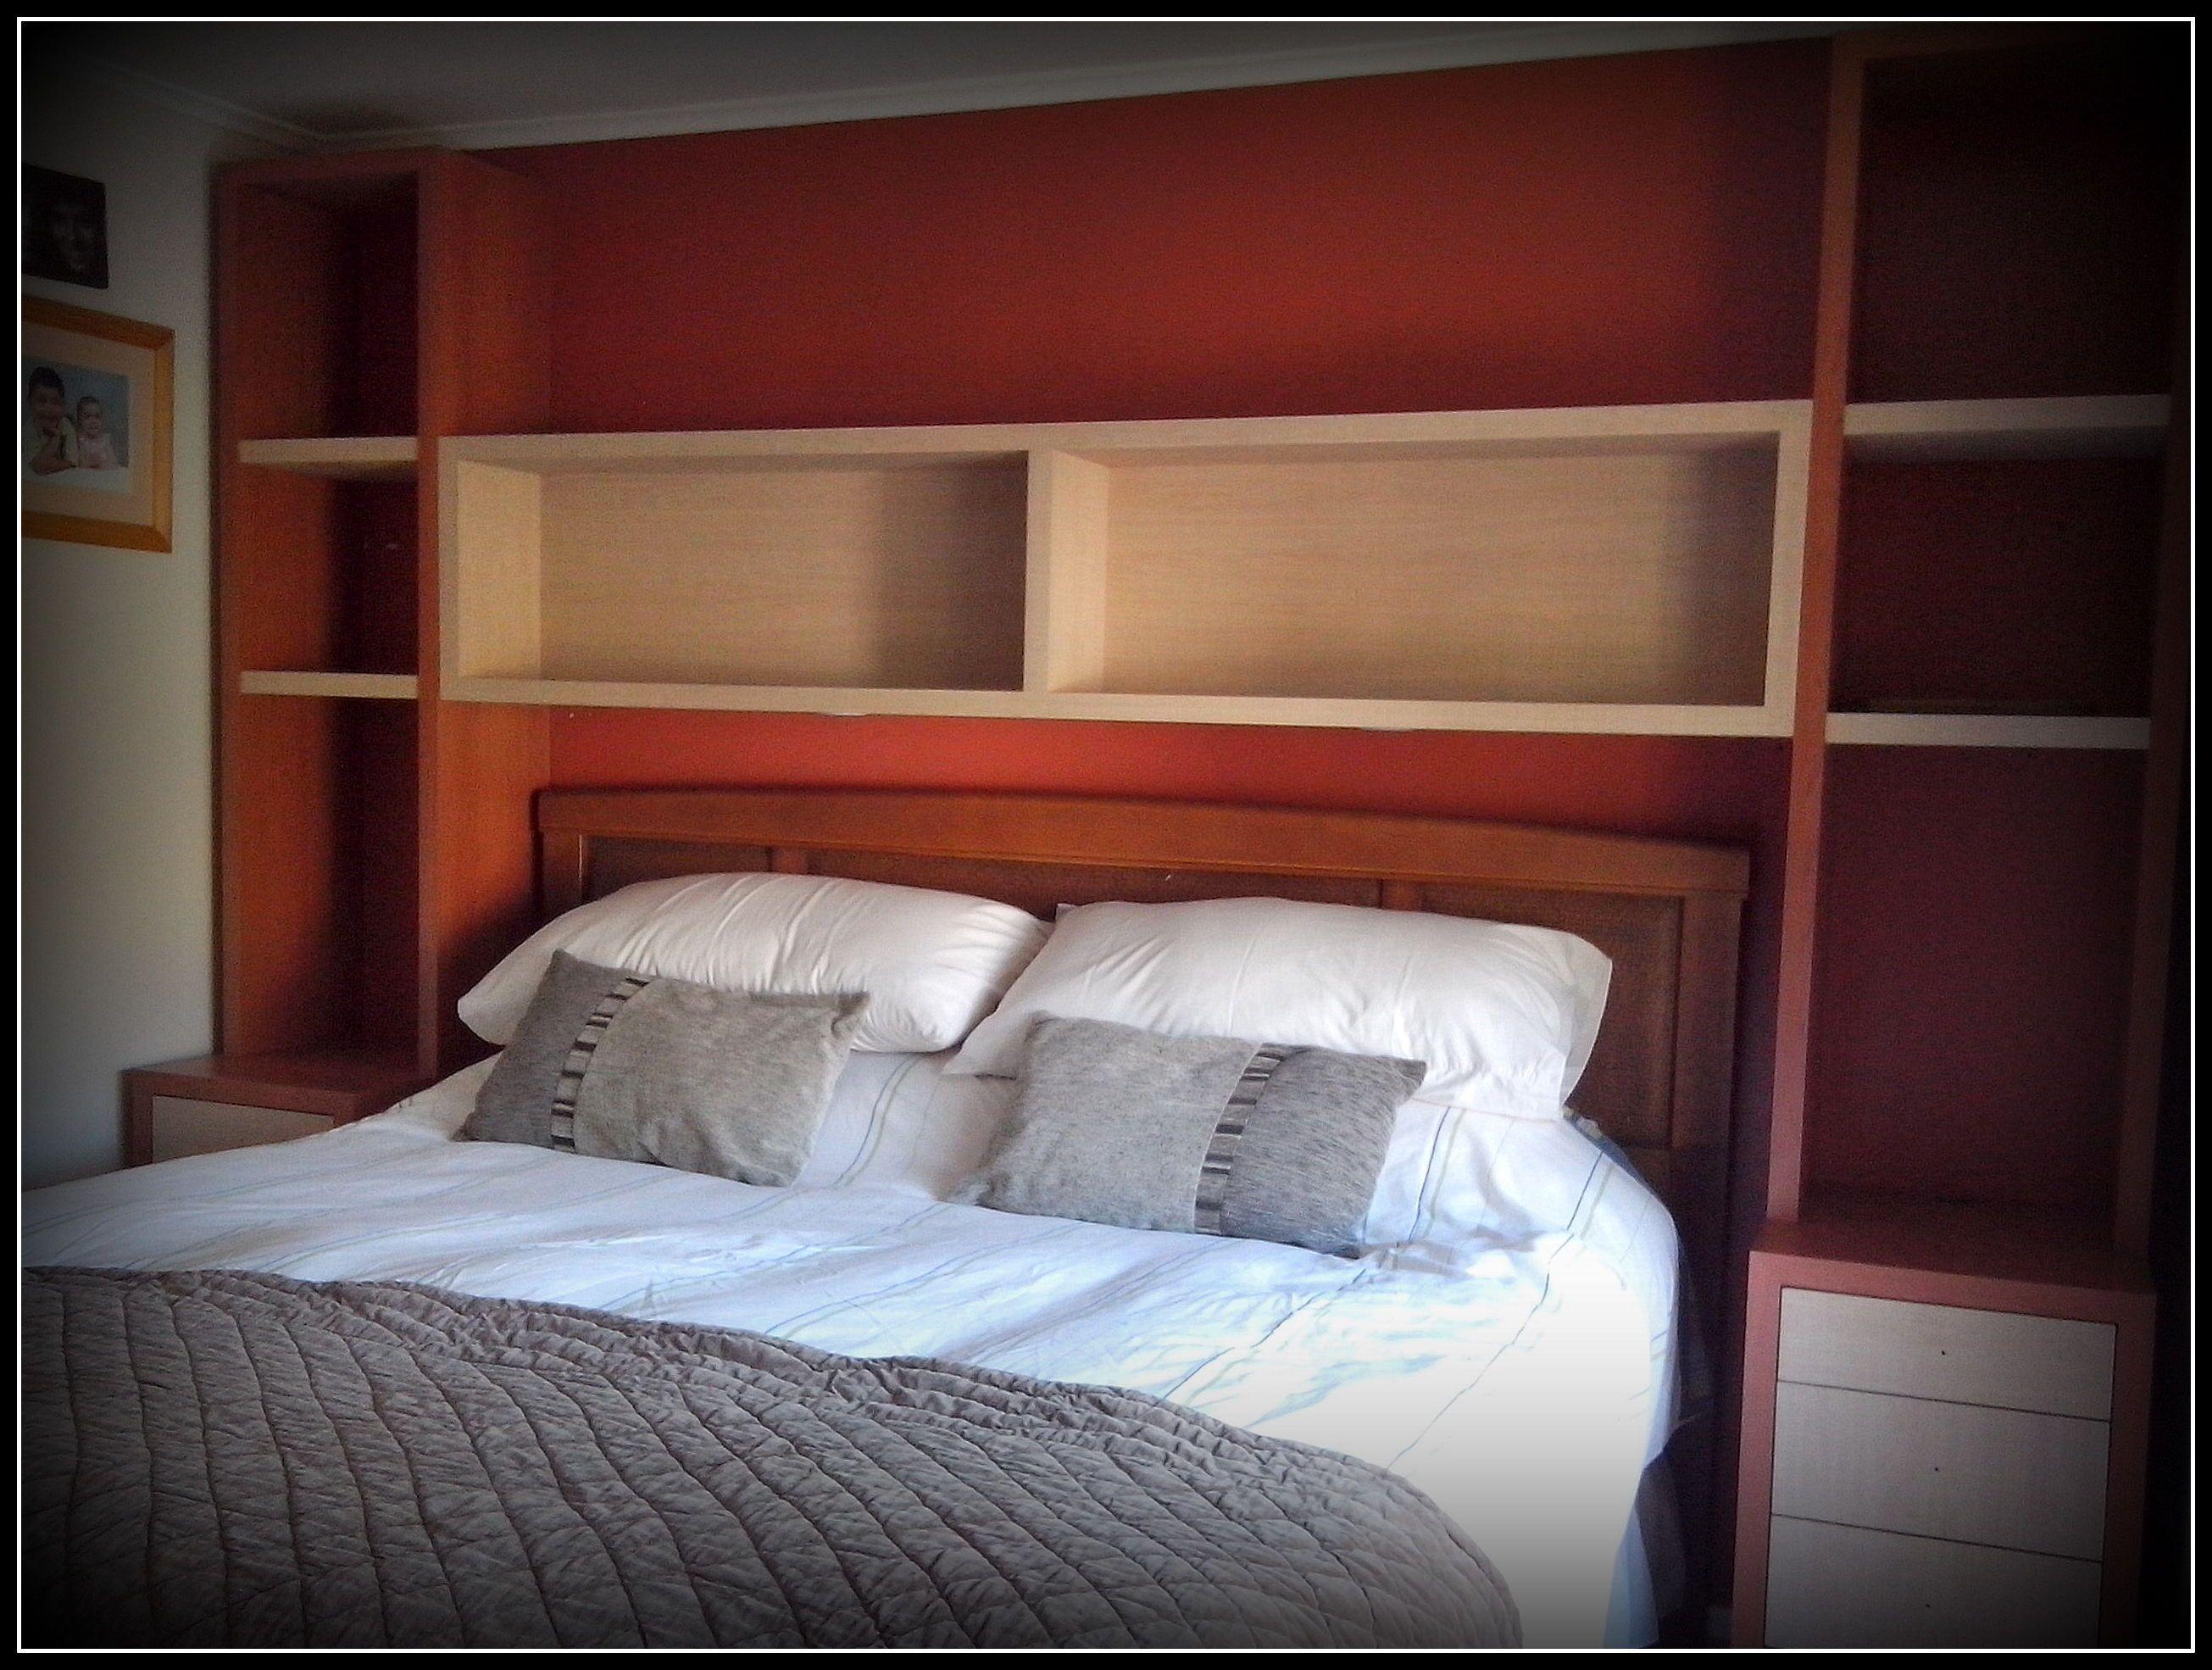 Dise O De Cabecera Y Veladores Para Cama En Dormitorio